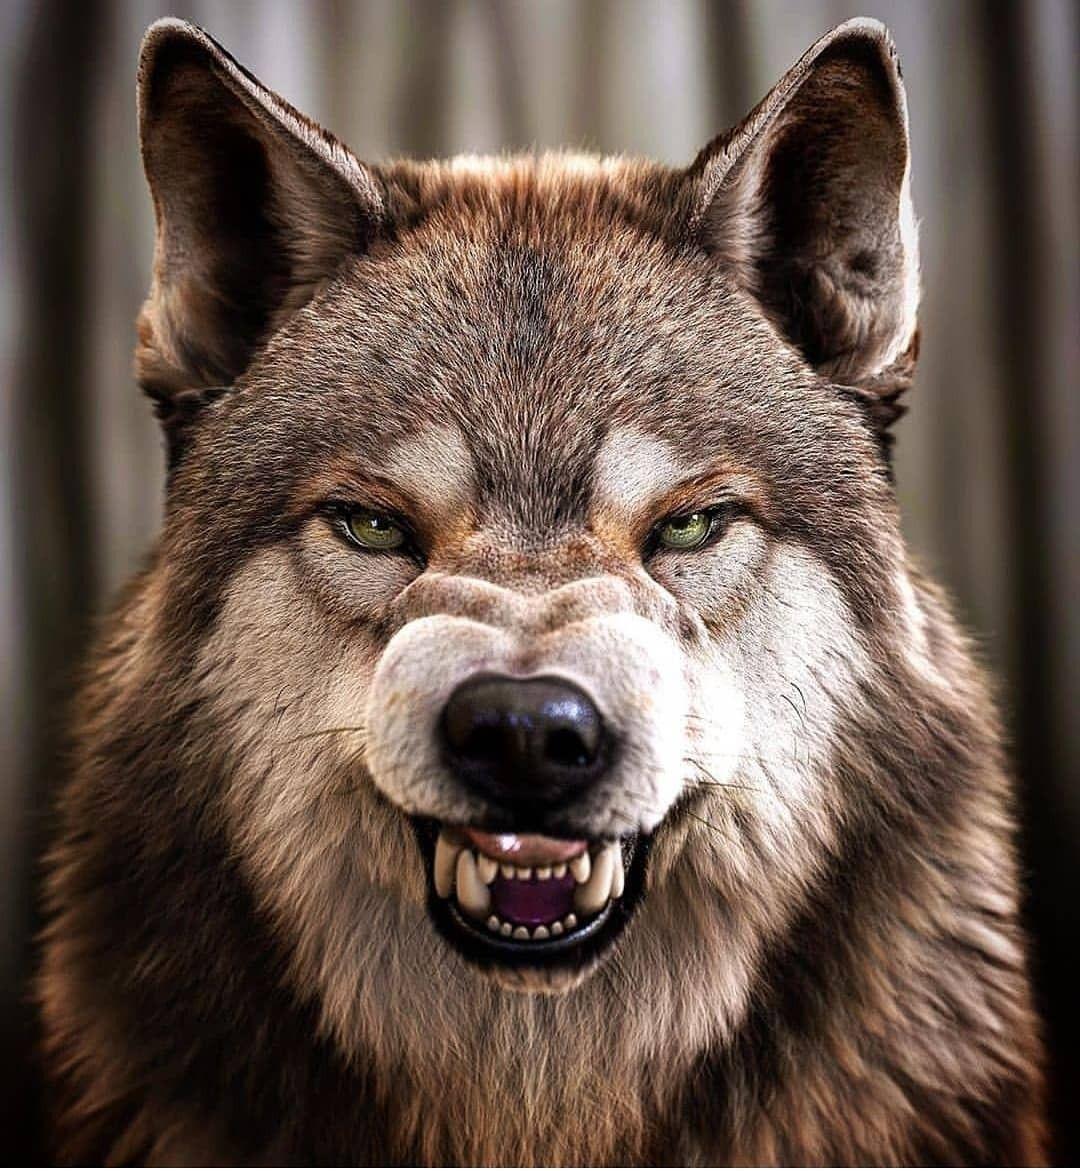 картинки волчьего оскала означает, что